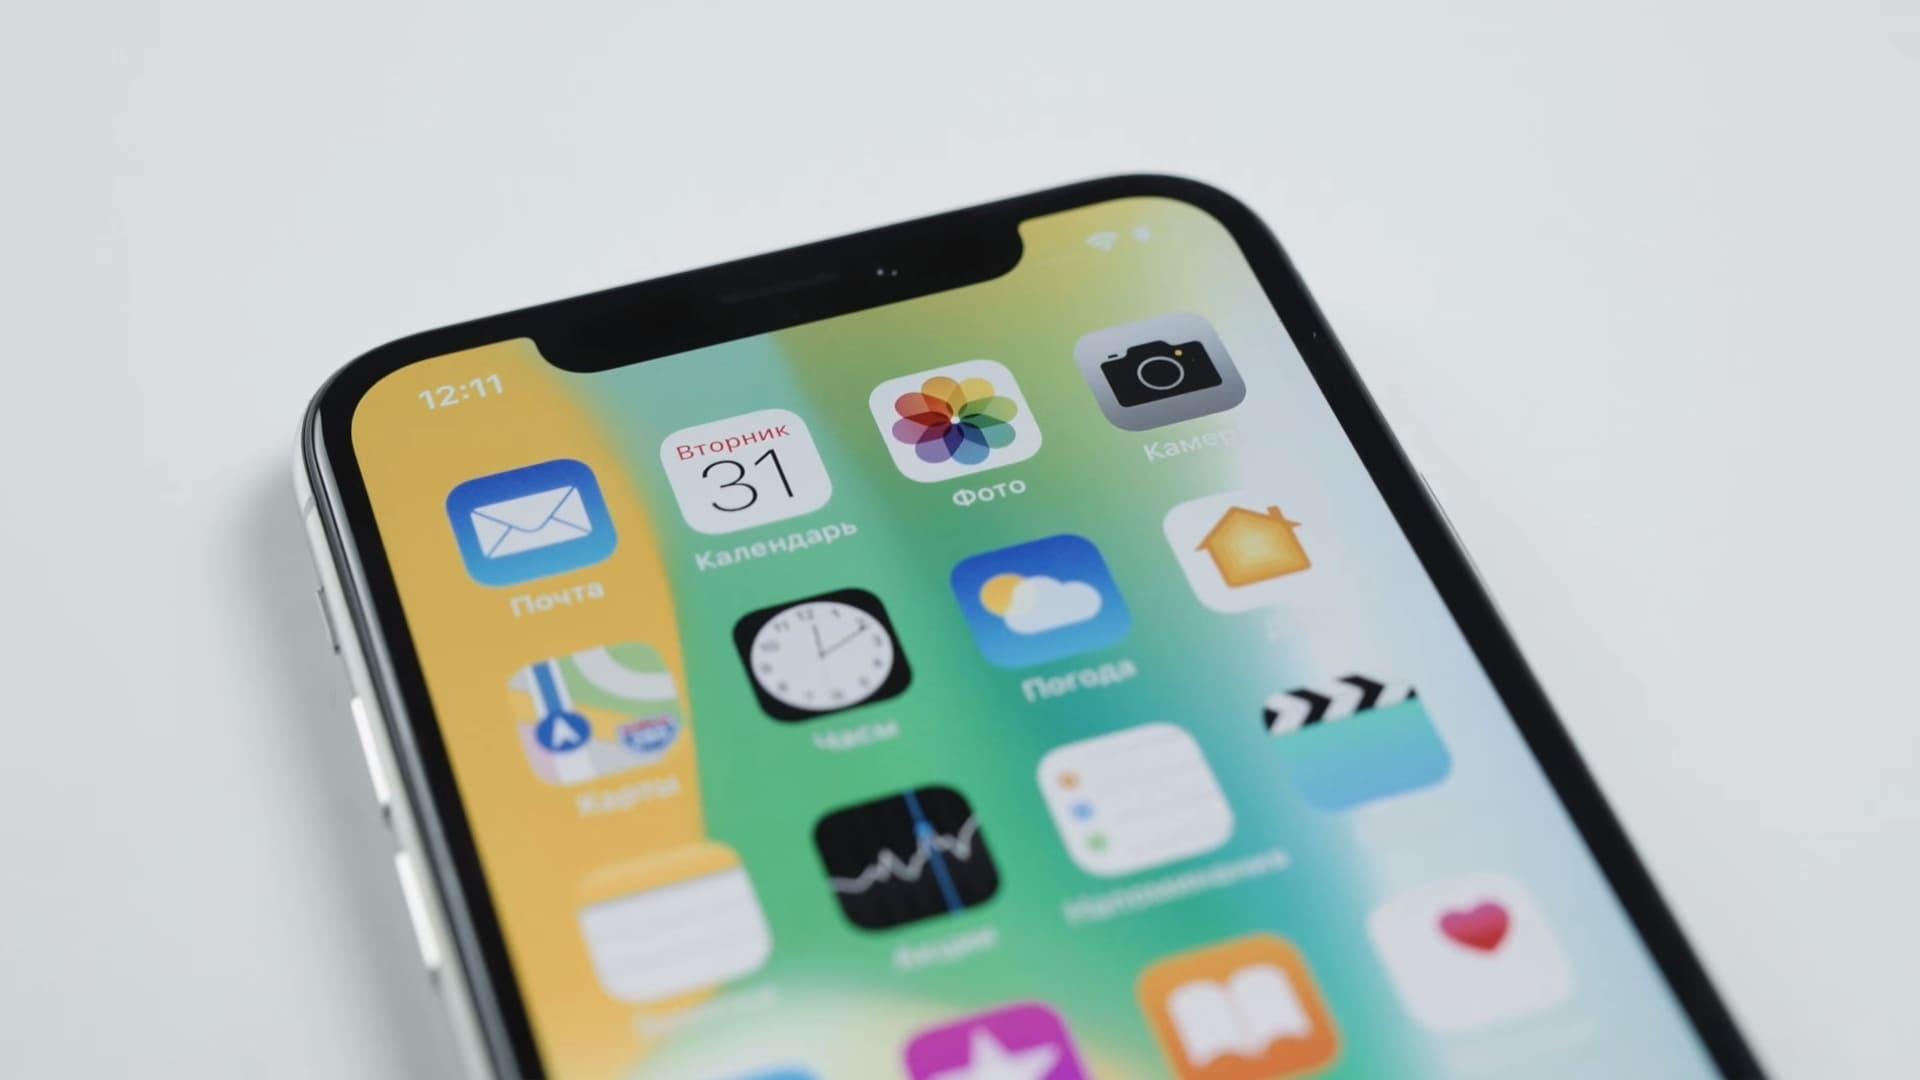 как восстановить удаленную иконку на айфоне